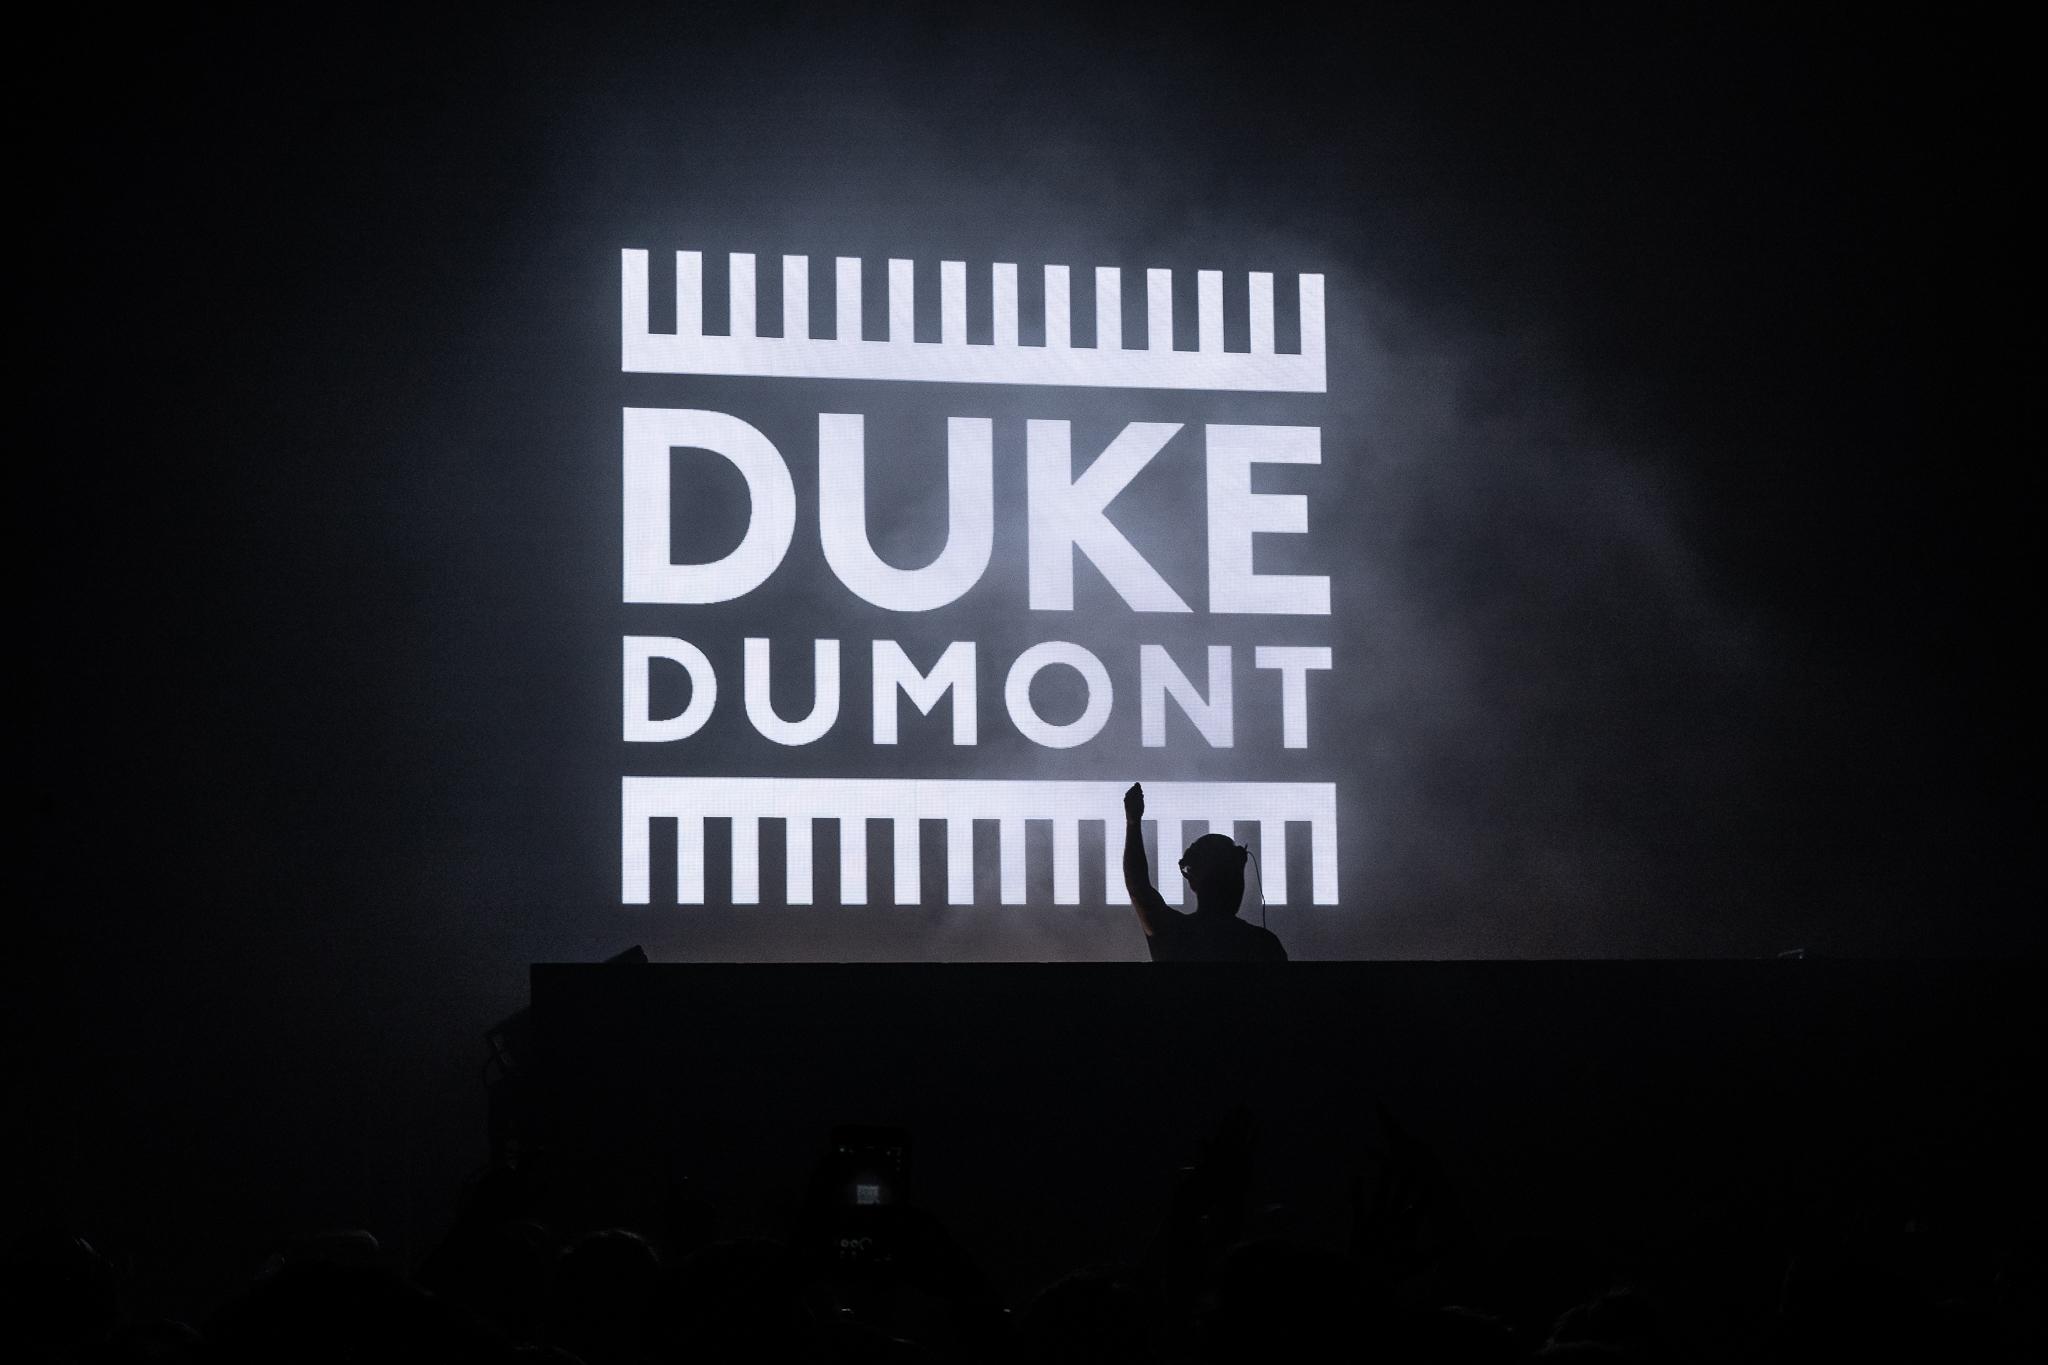 Duke Dumont performed at Avant Gardner Great Hall on November 9th.